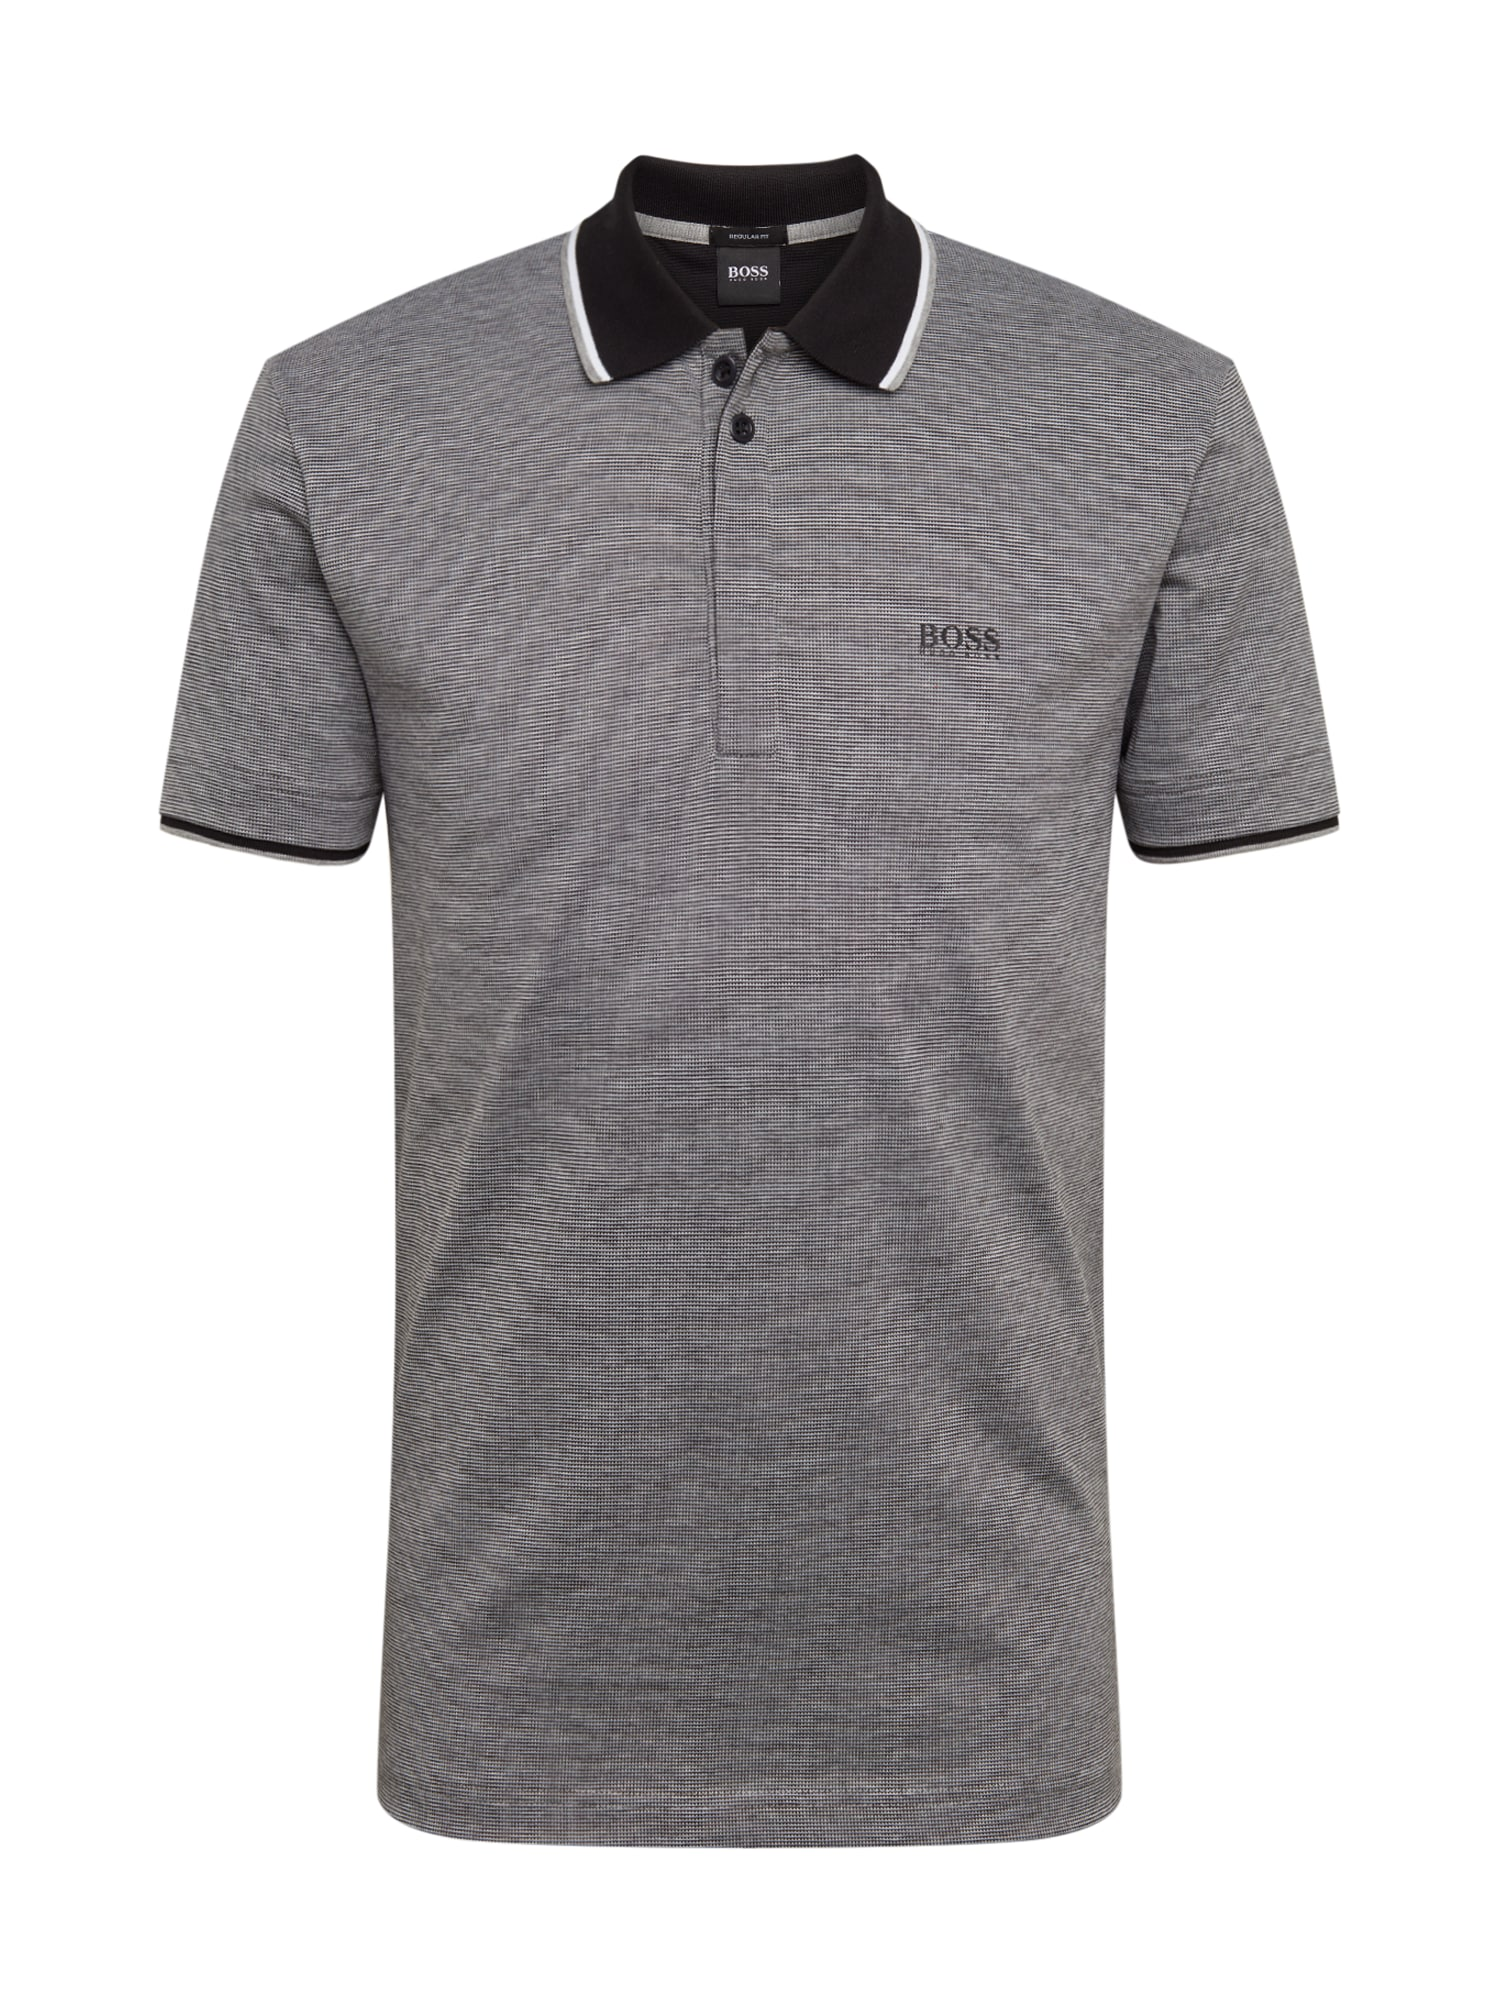 BOSS ATHLEISURE Marškinėliai 'Paddy 2' juoda